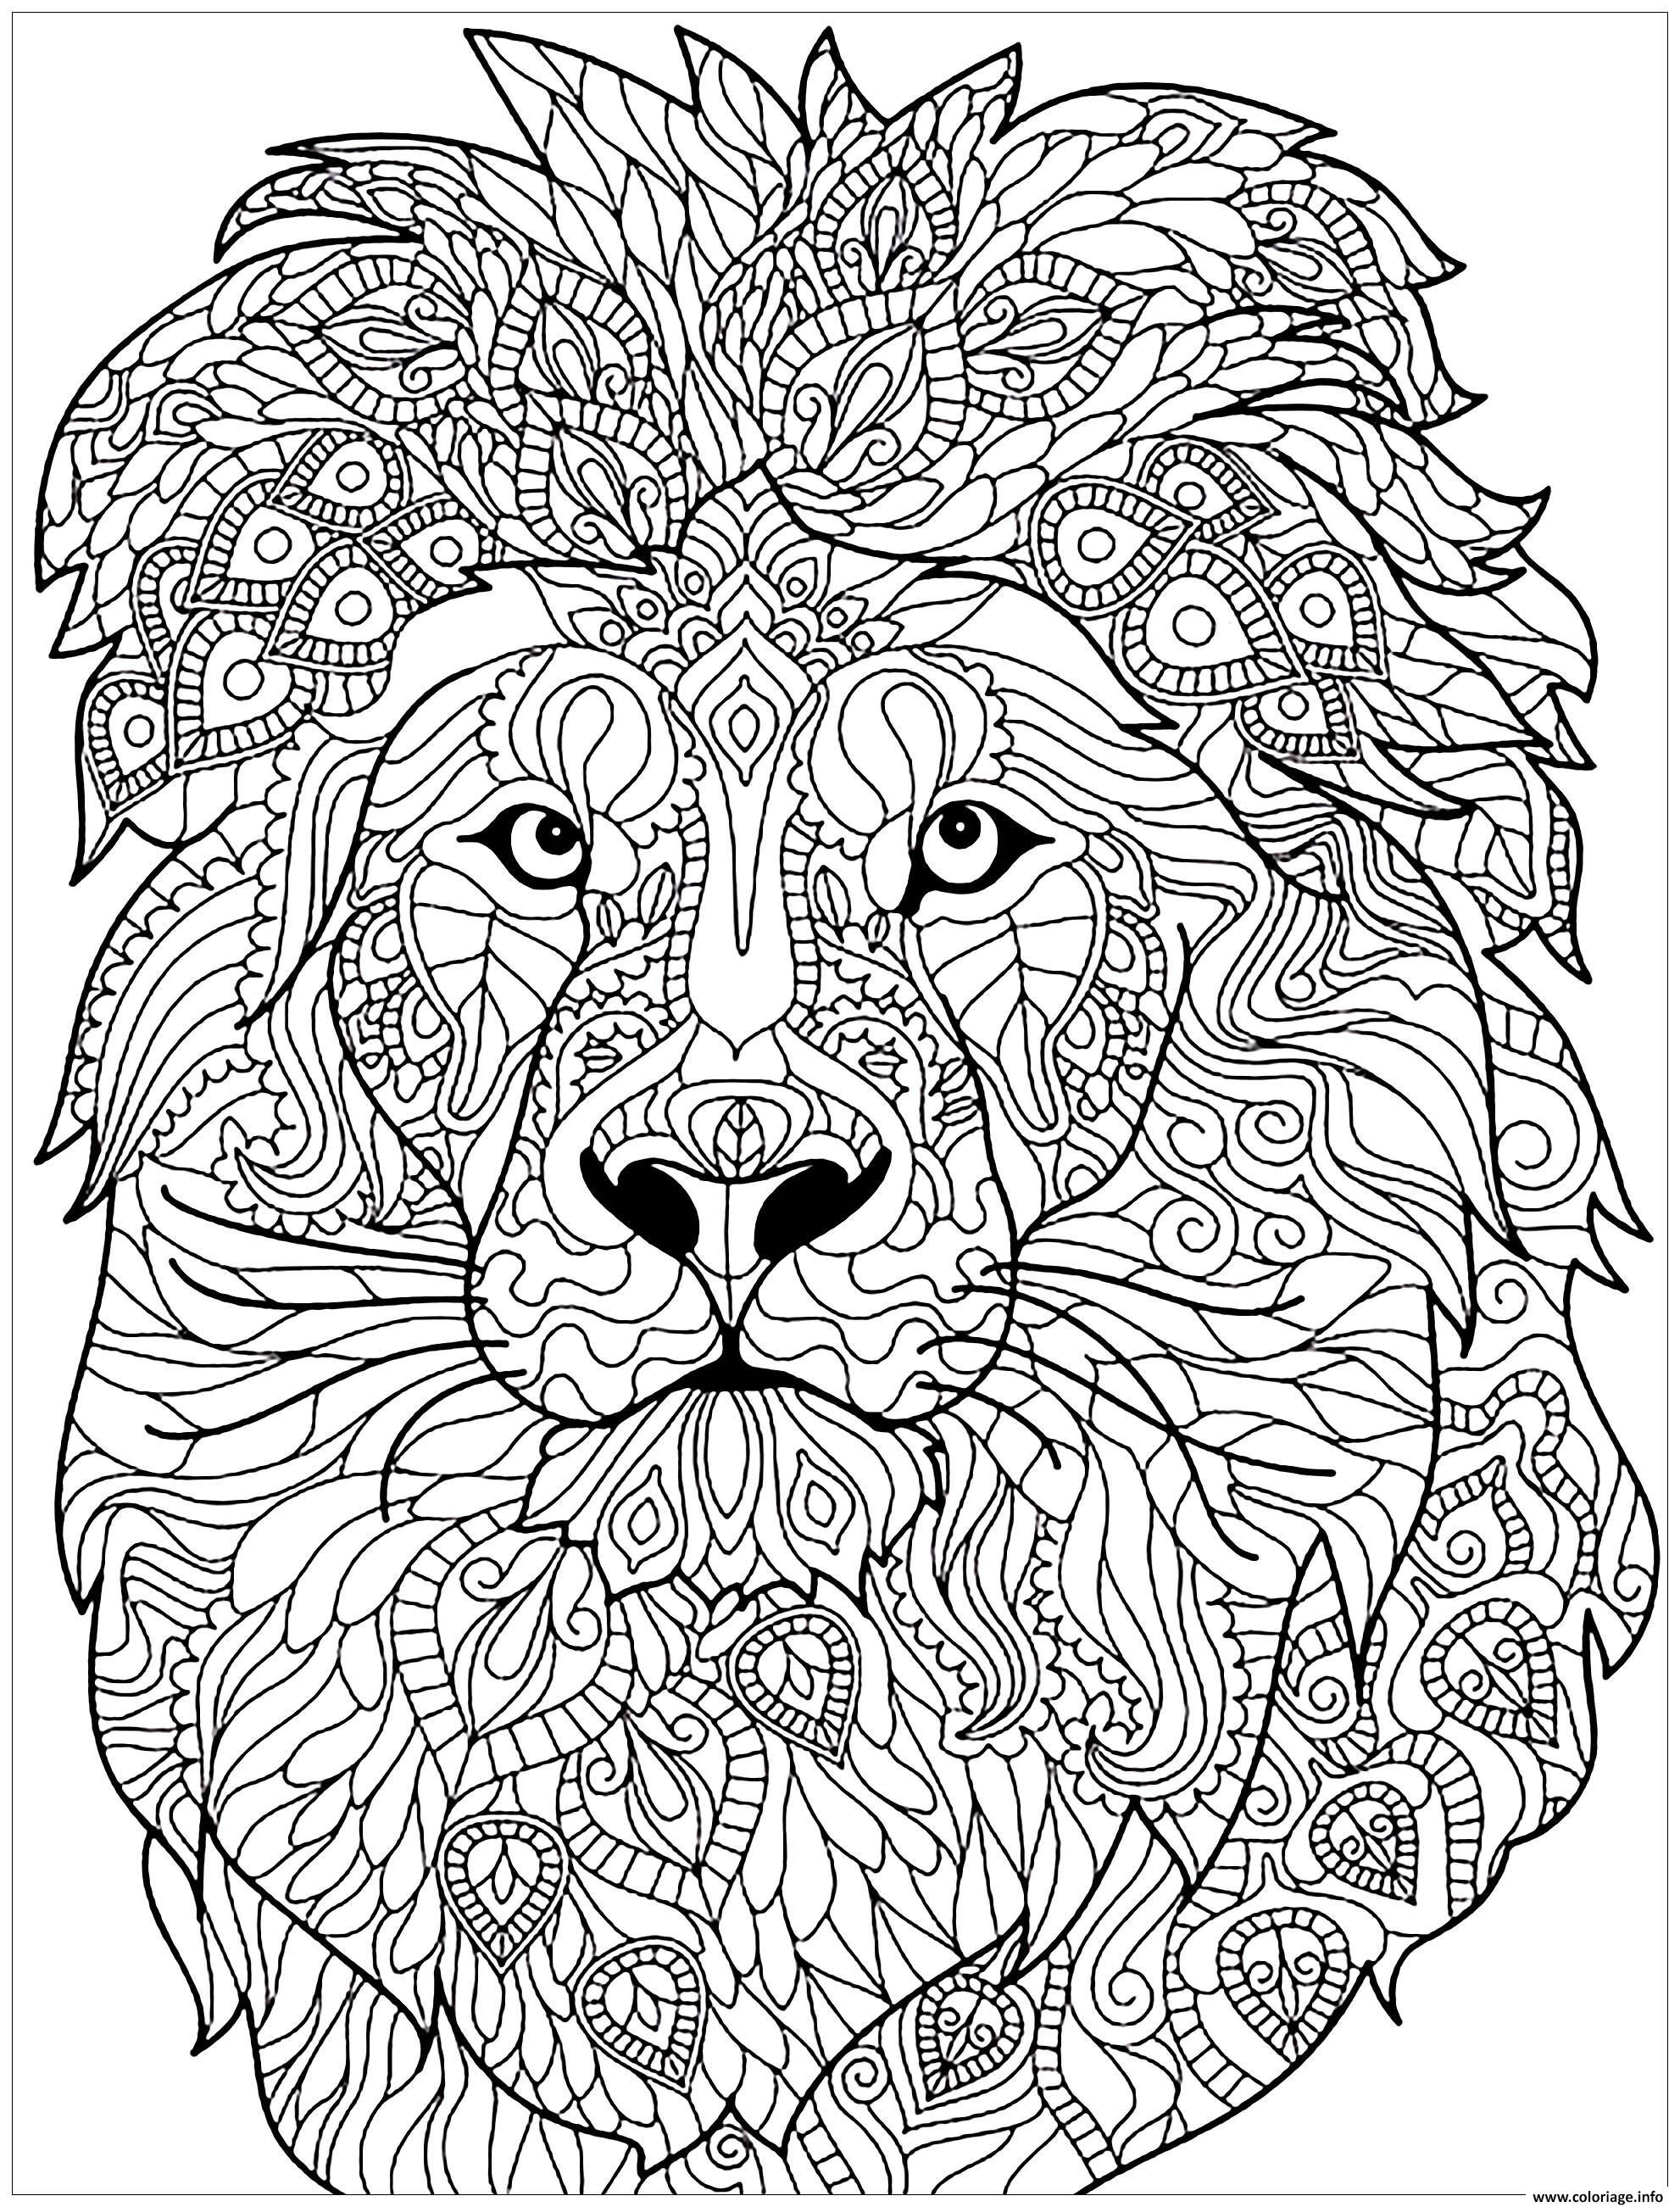 Coloriage Adulte Lion Motifs Complexes Jecolorie Com